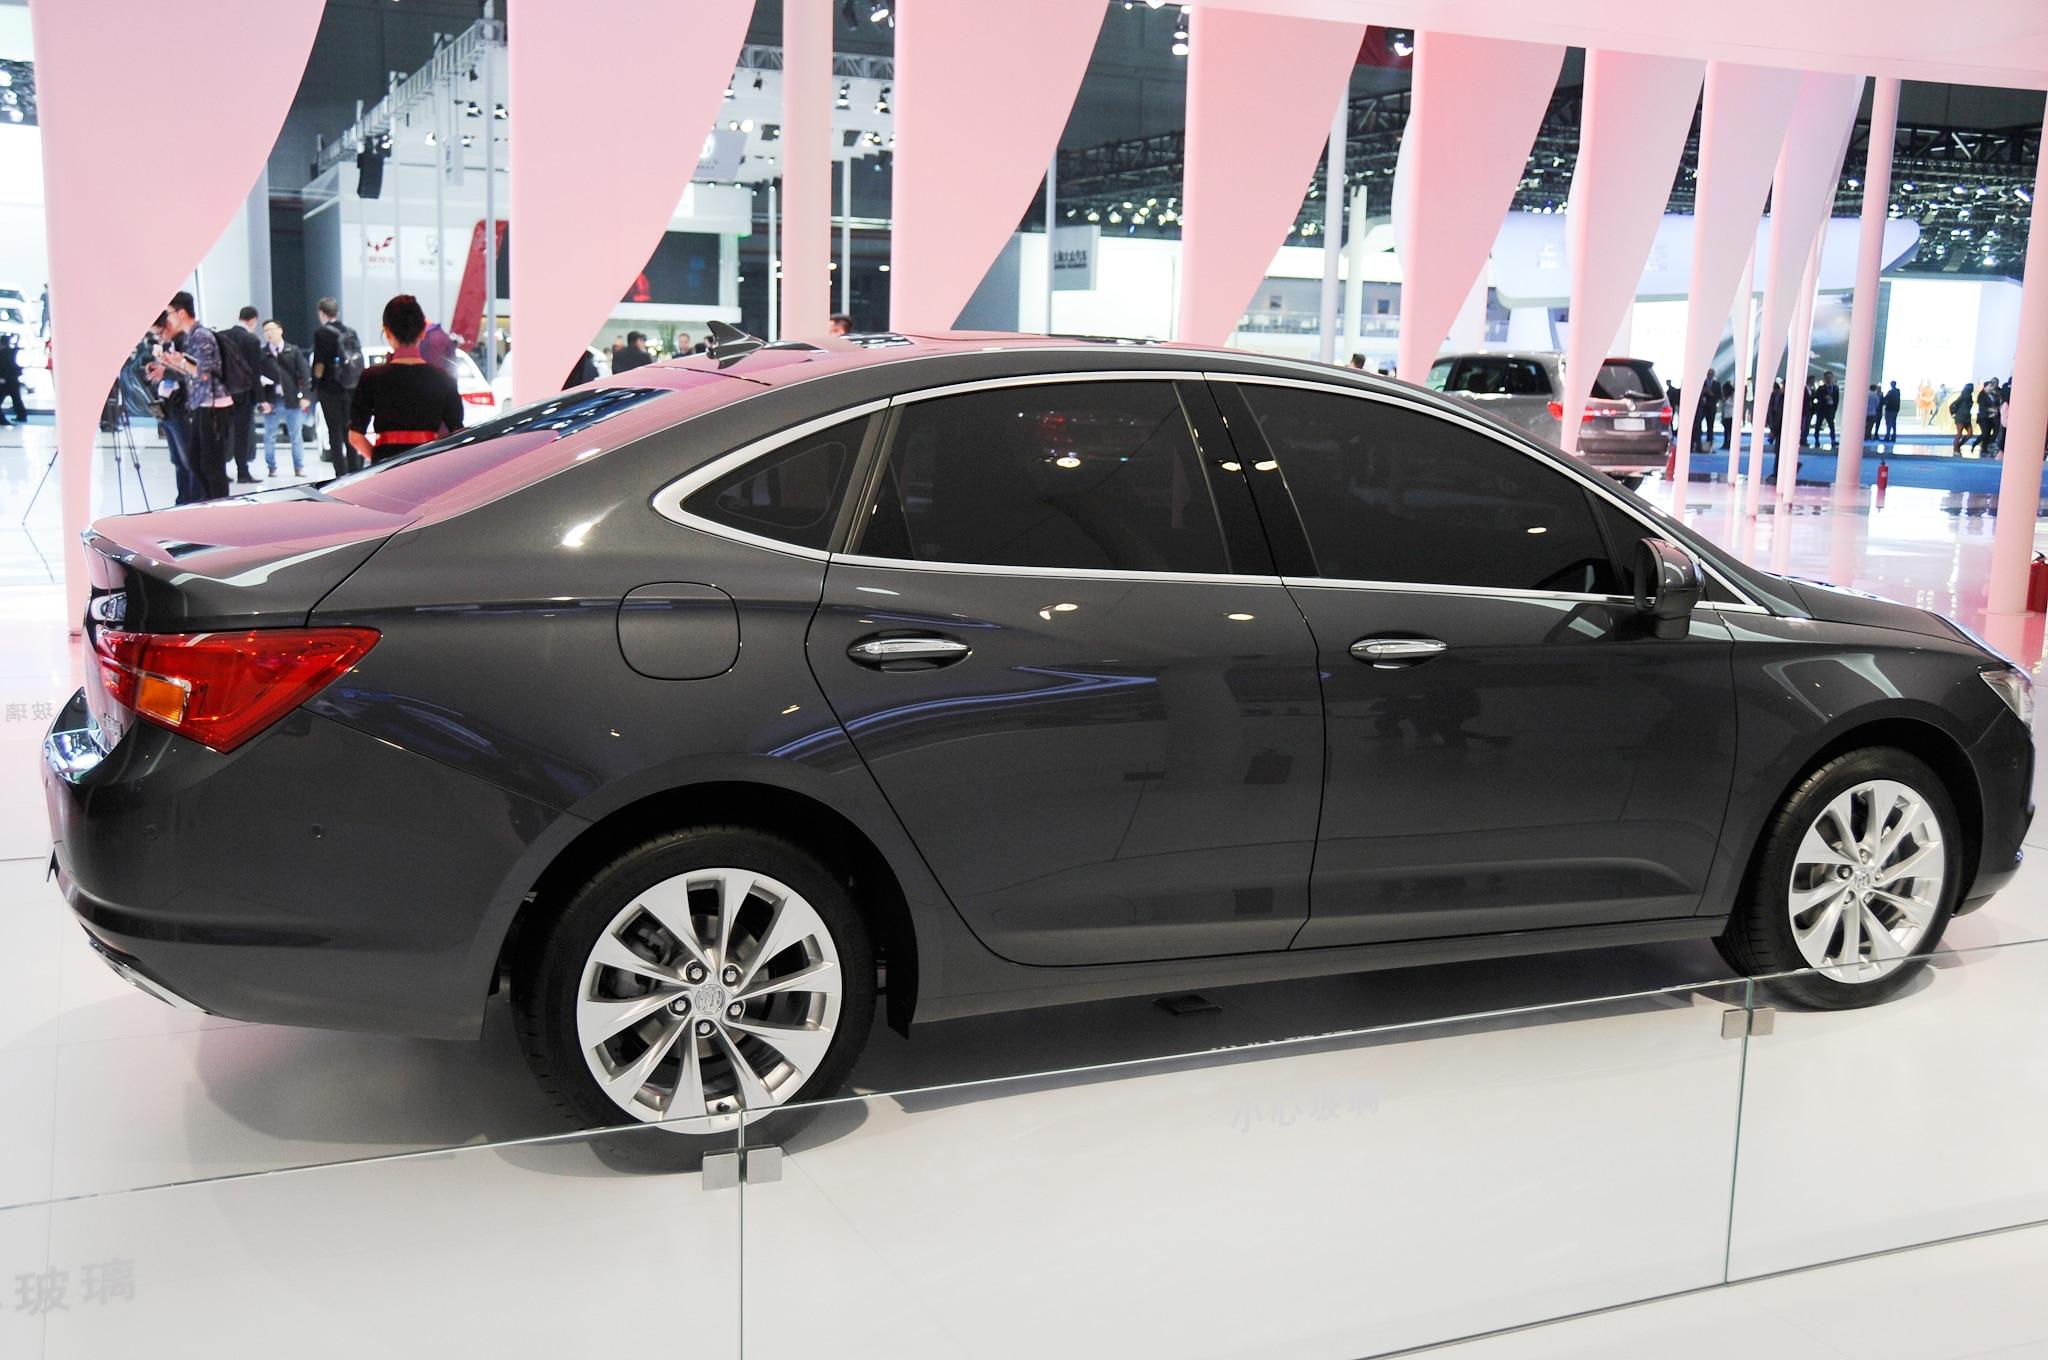 review buick ca sedan used car jy verano vehicle reviews autos